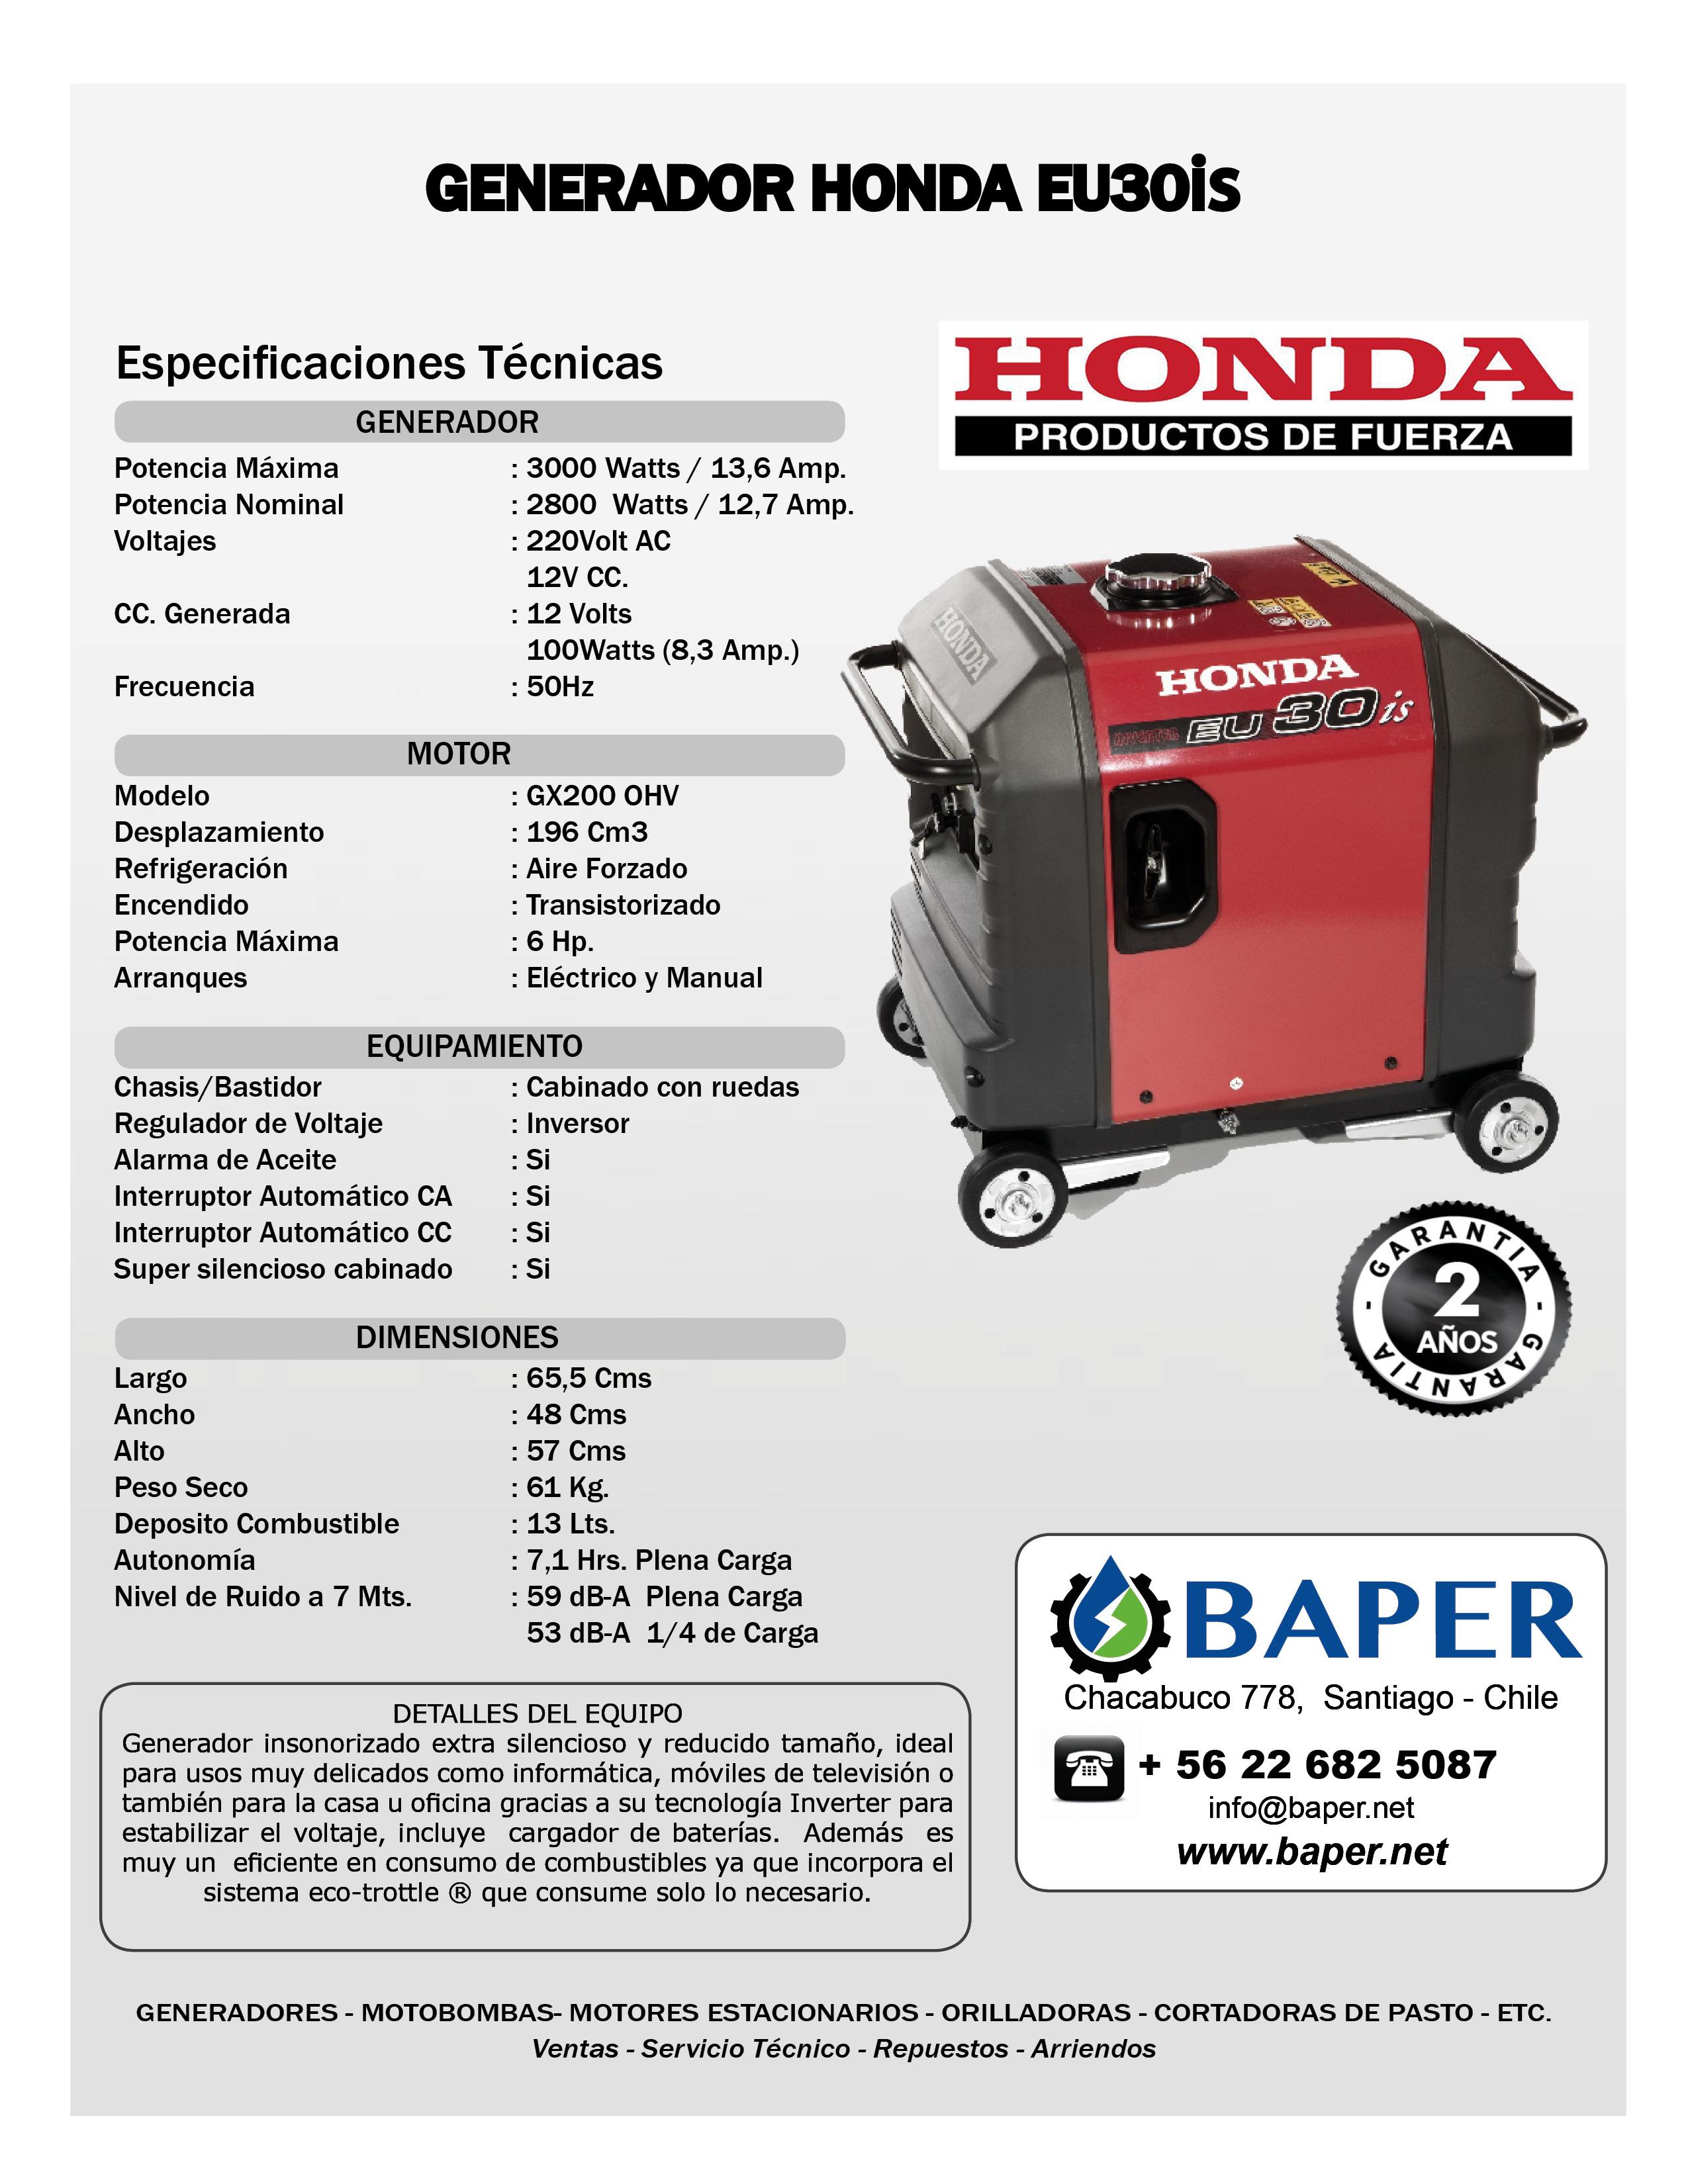 Generador honda 3 0 kva eu30 is insonorizado baper for Generador electrico honda precio